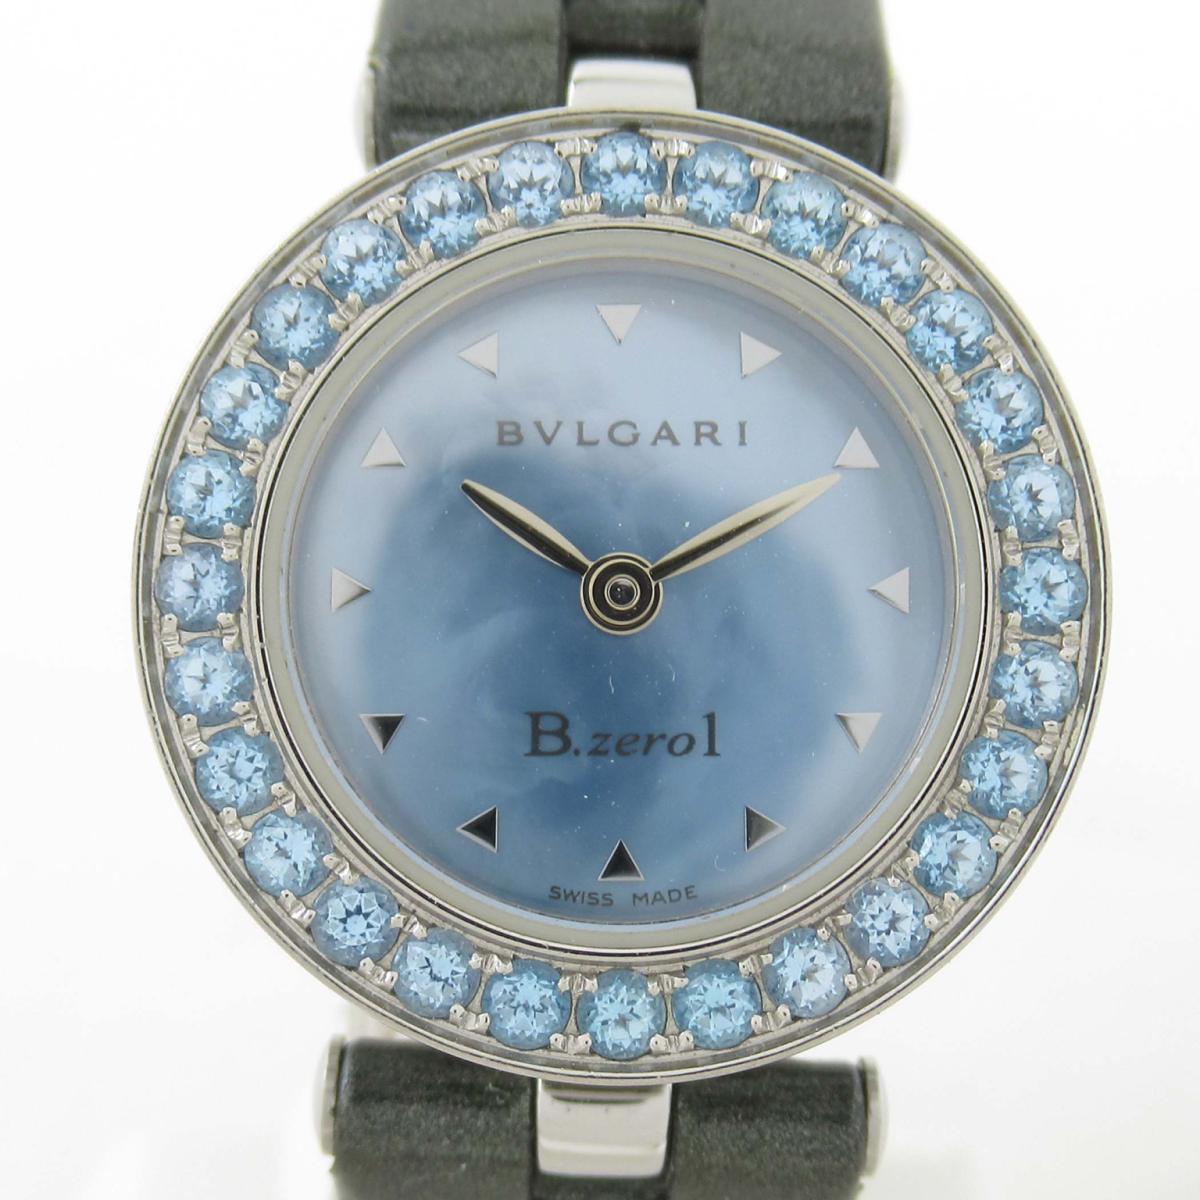 【中古】 ブルガリ B-zero1 ブルートパーズ ウォッチ 腕時計 レディース ステンレススチール (SS) x レザーベルト (BZ22S) | BVLGARI BRANDOFF ブランドオフ ブランド ブランド時計 ブランド腕時計 時計